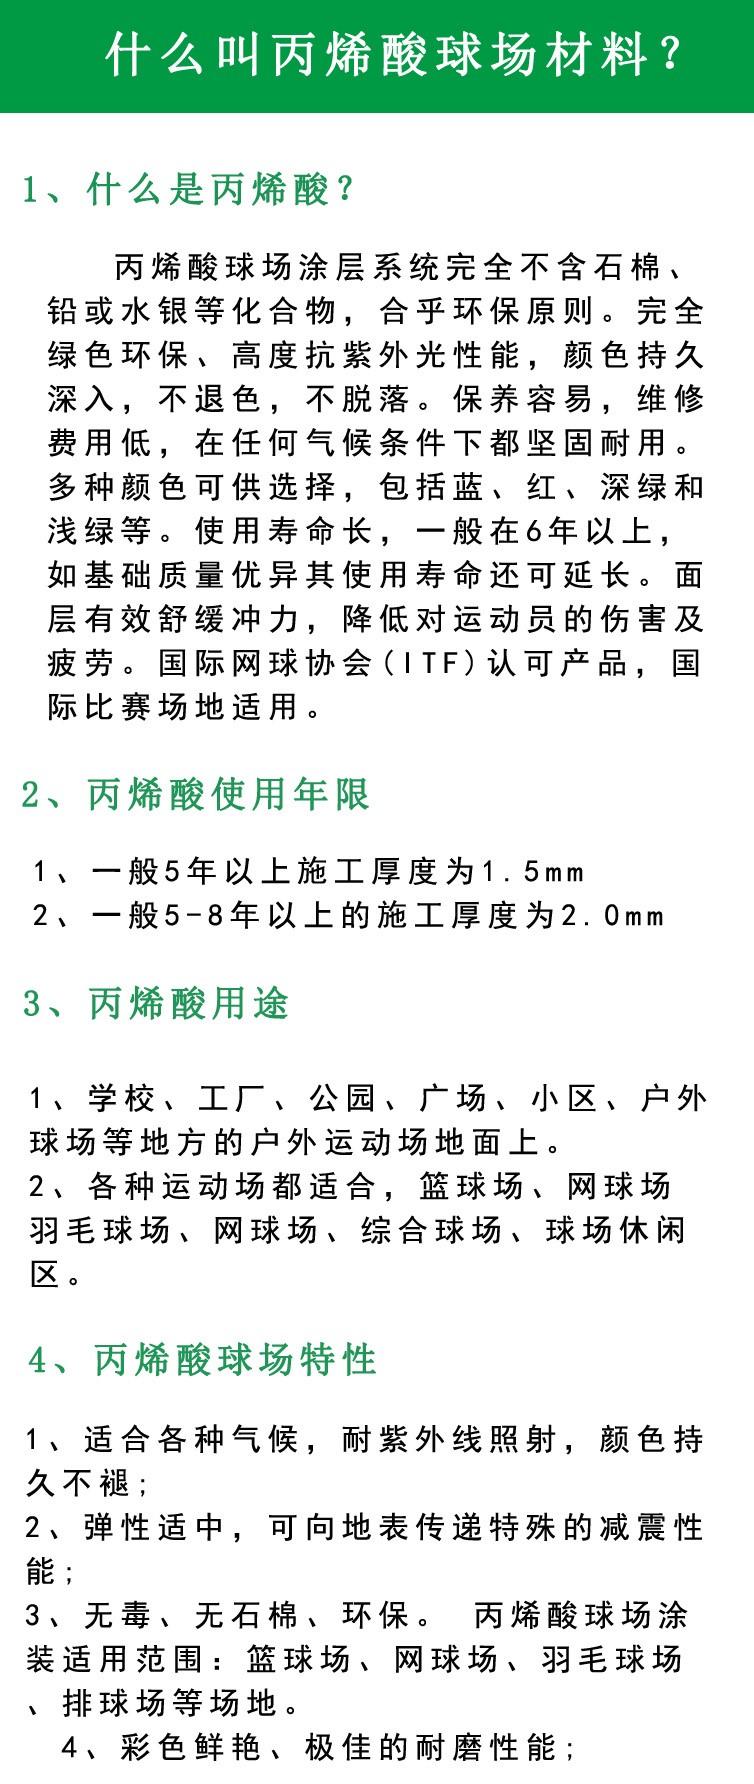 什么丙烯酸球场材料.jpg